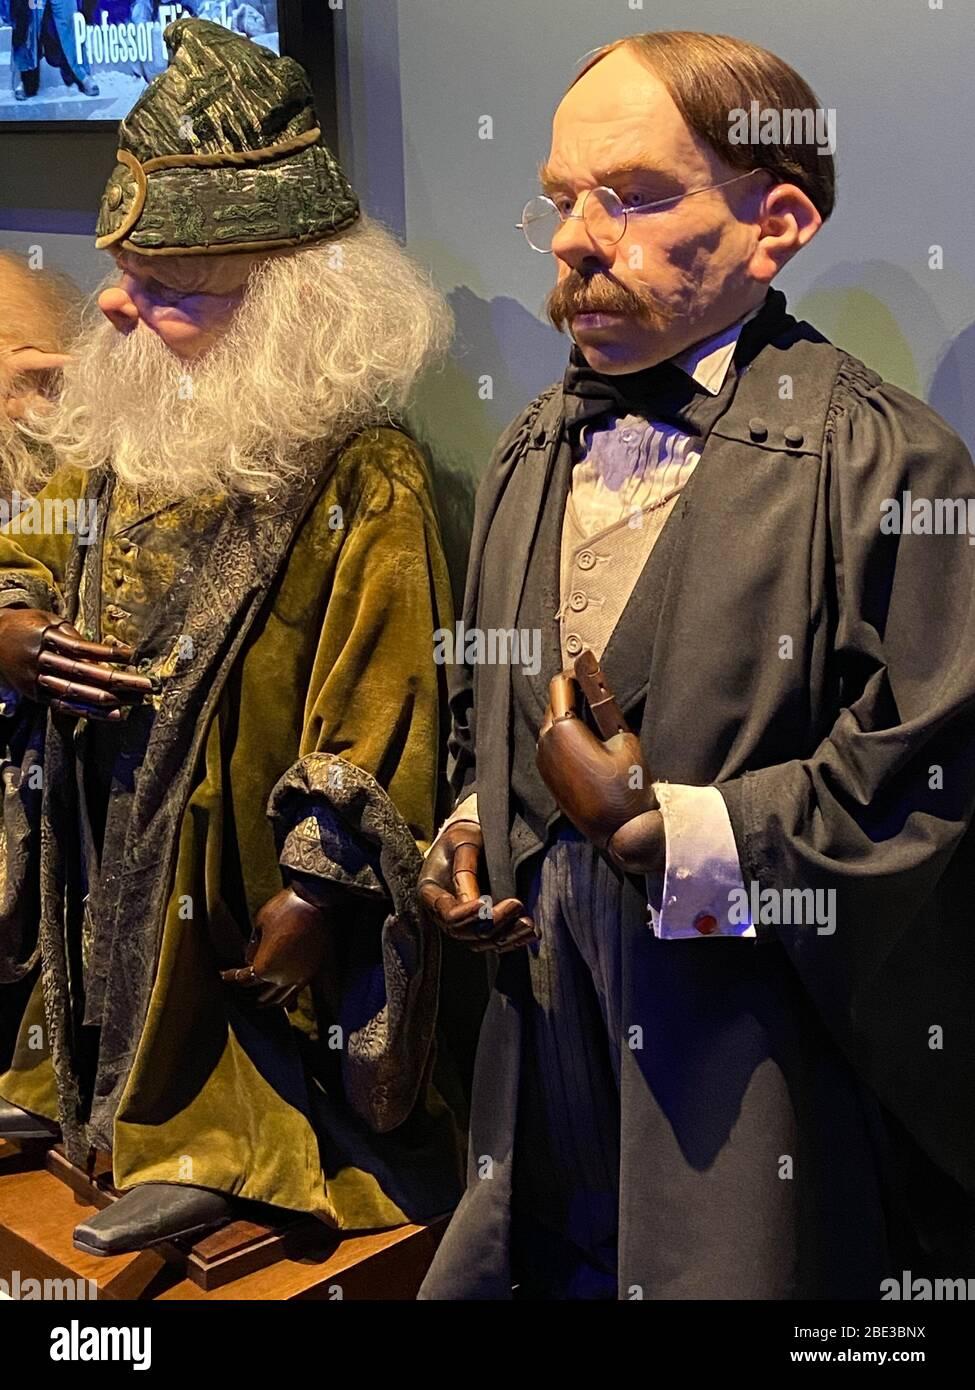 Harry Potter Charaktere Stockfotos Und Bilder Kaufen Alamy